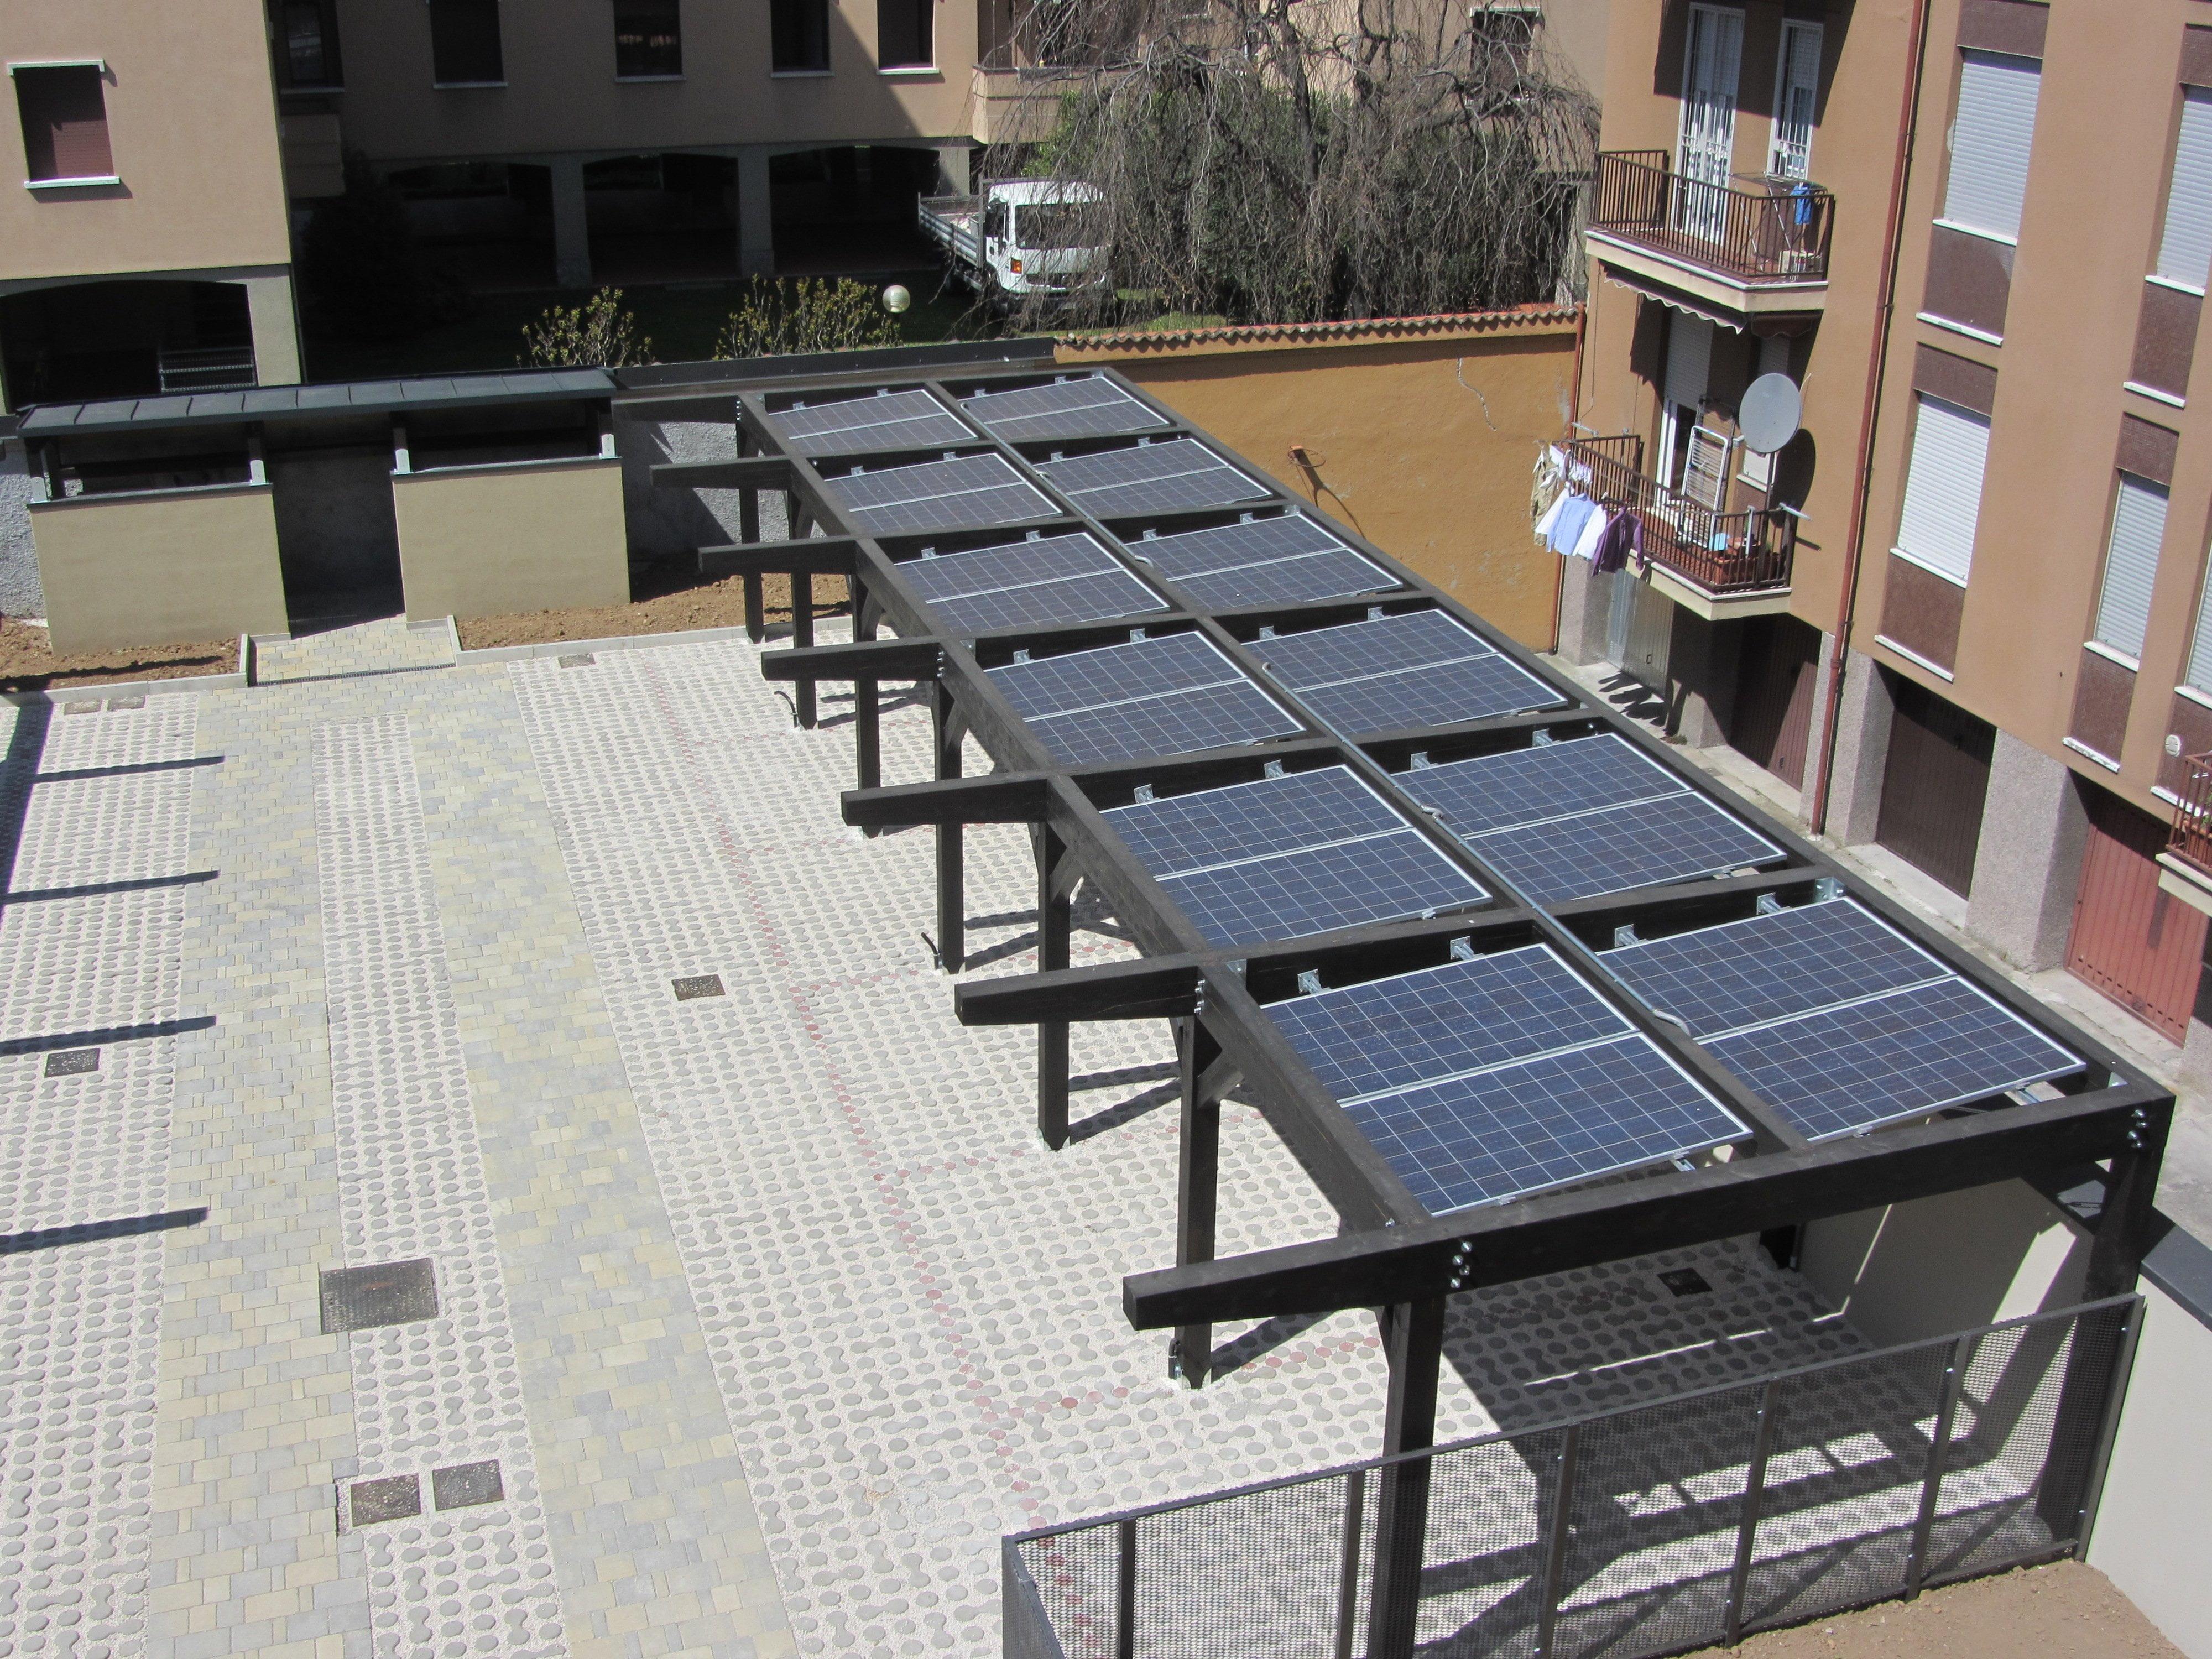 Installazione fotovoltaico su tetto in legno 3